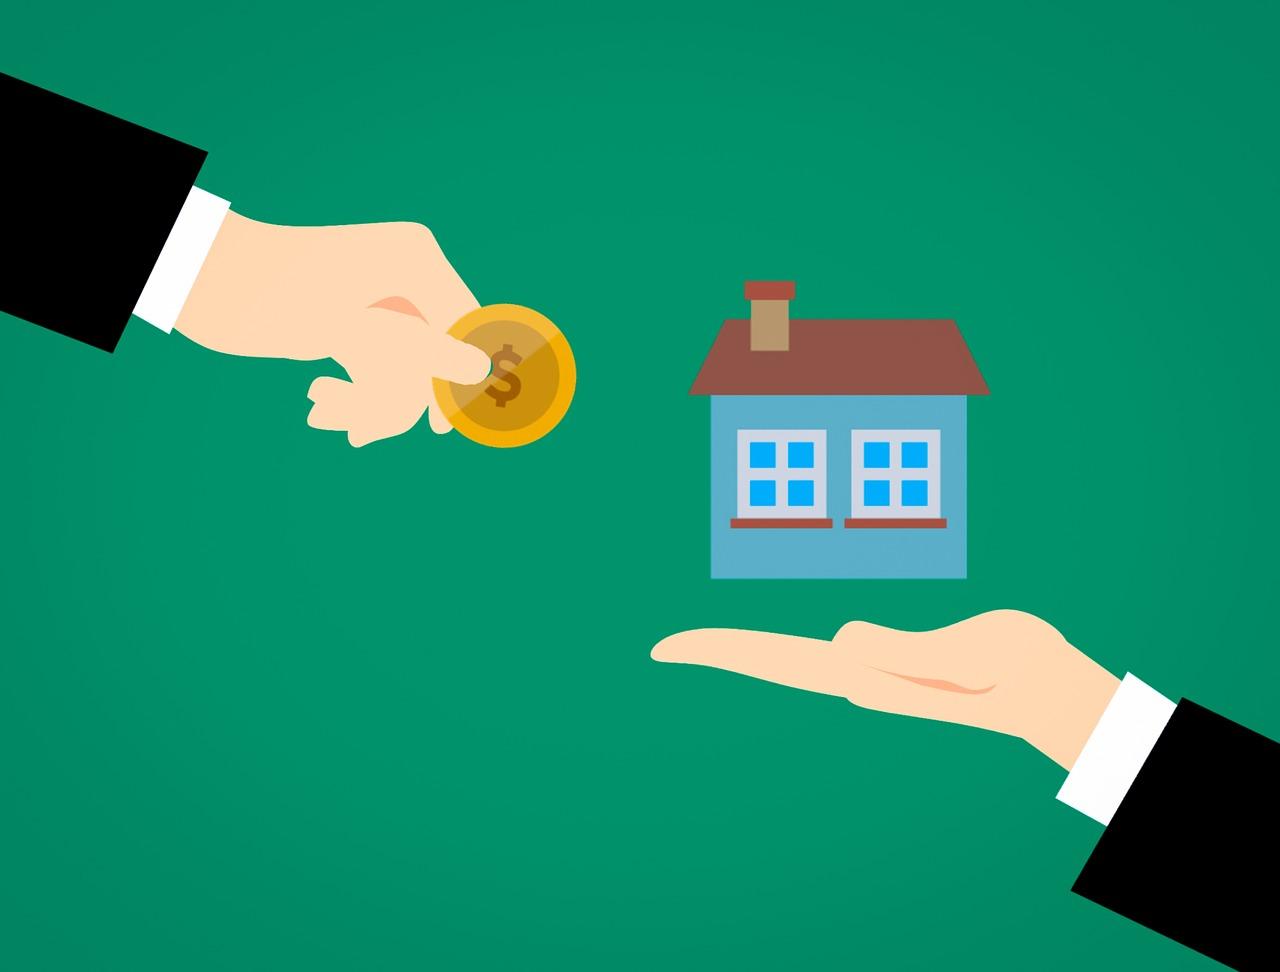 ¿Por qué deberías invertir en bienes raíces?